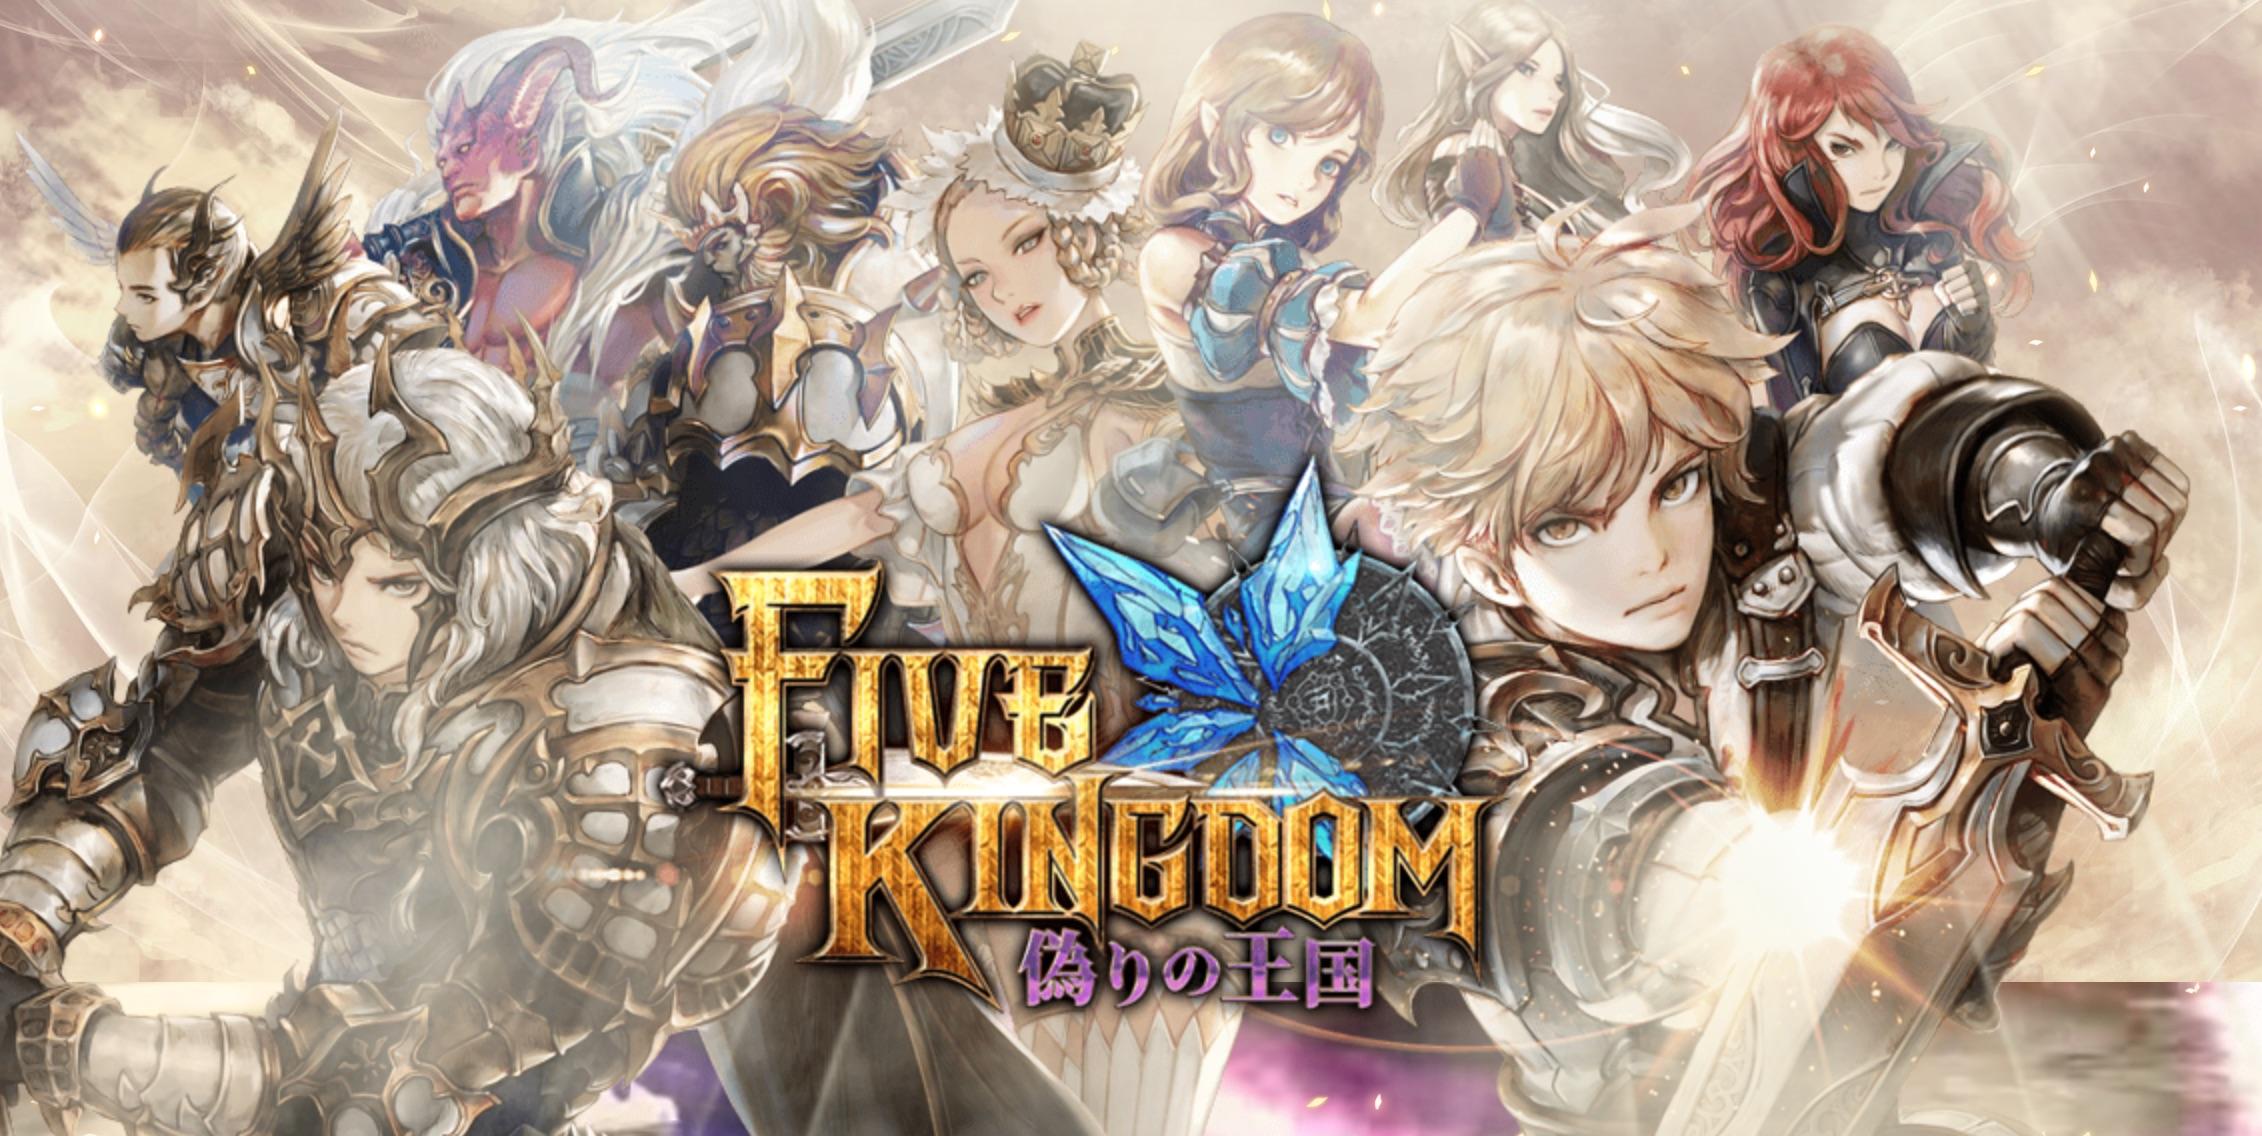 王国5系列日服版《王国5 虚假之国》于今日正式配信 1